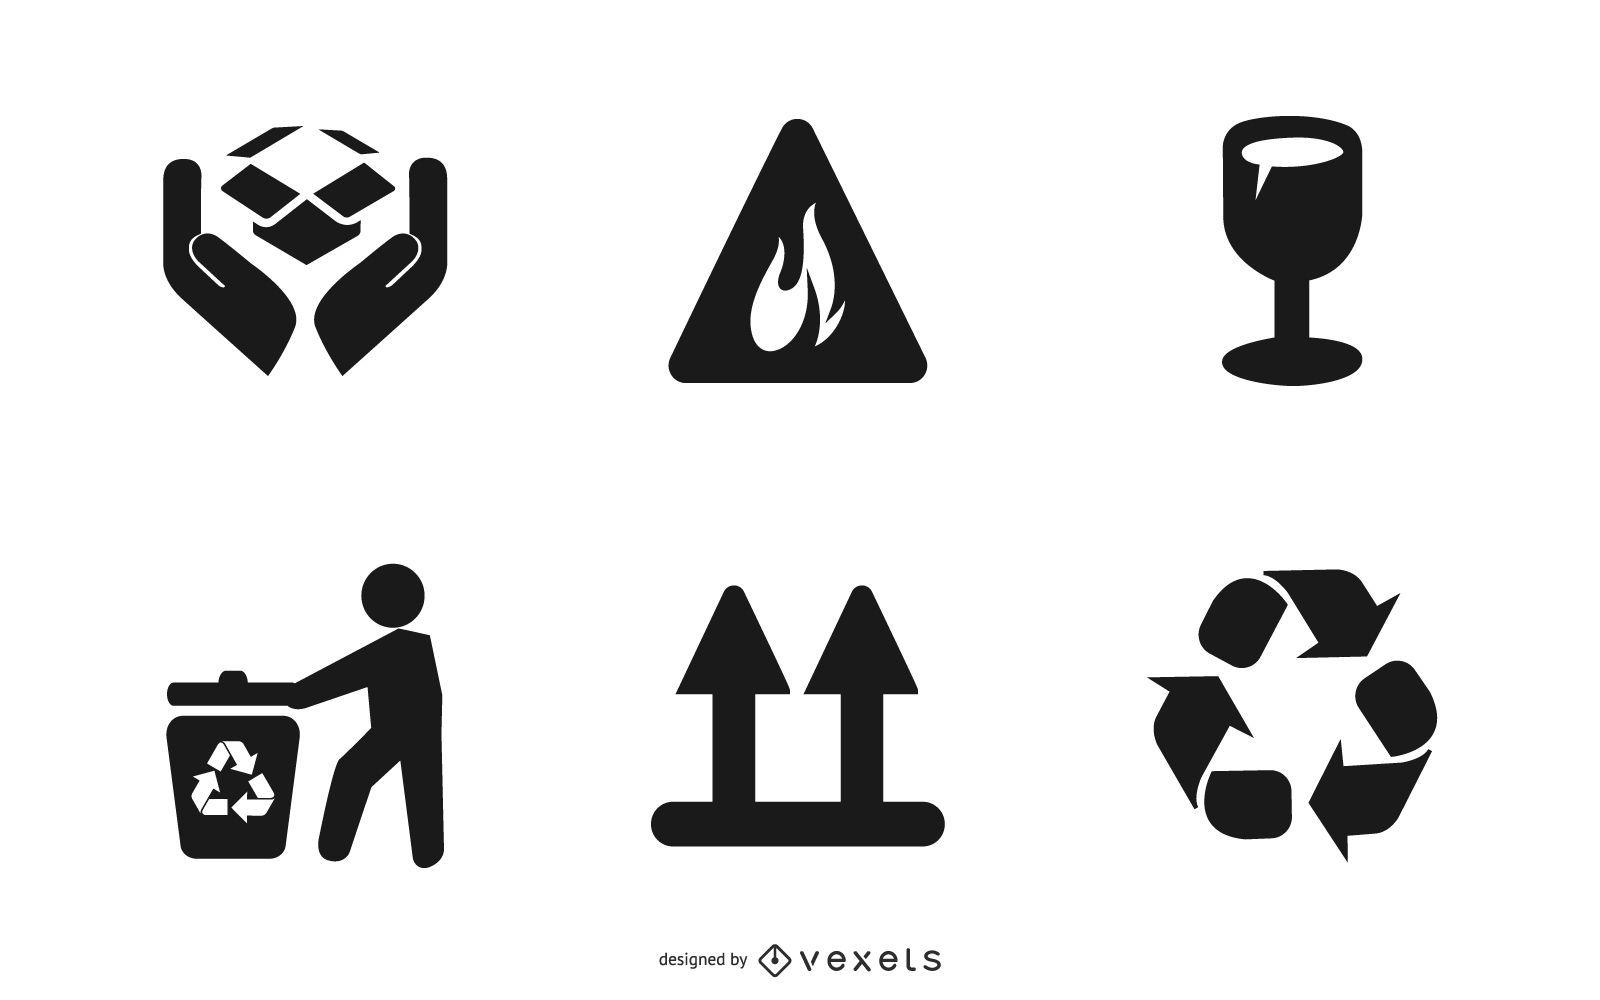 Conjunto de signos y símbolos comunes